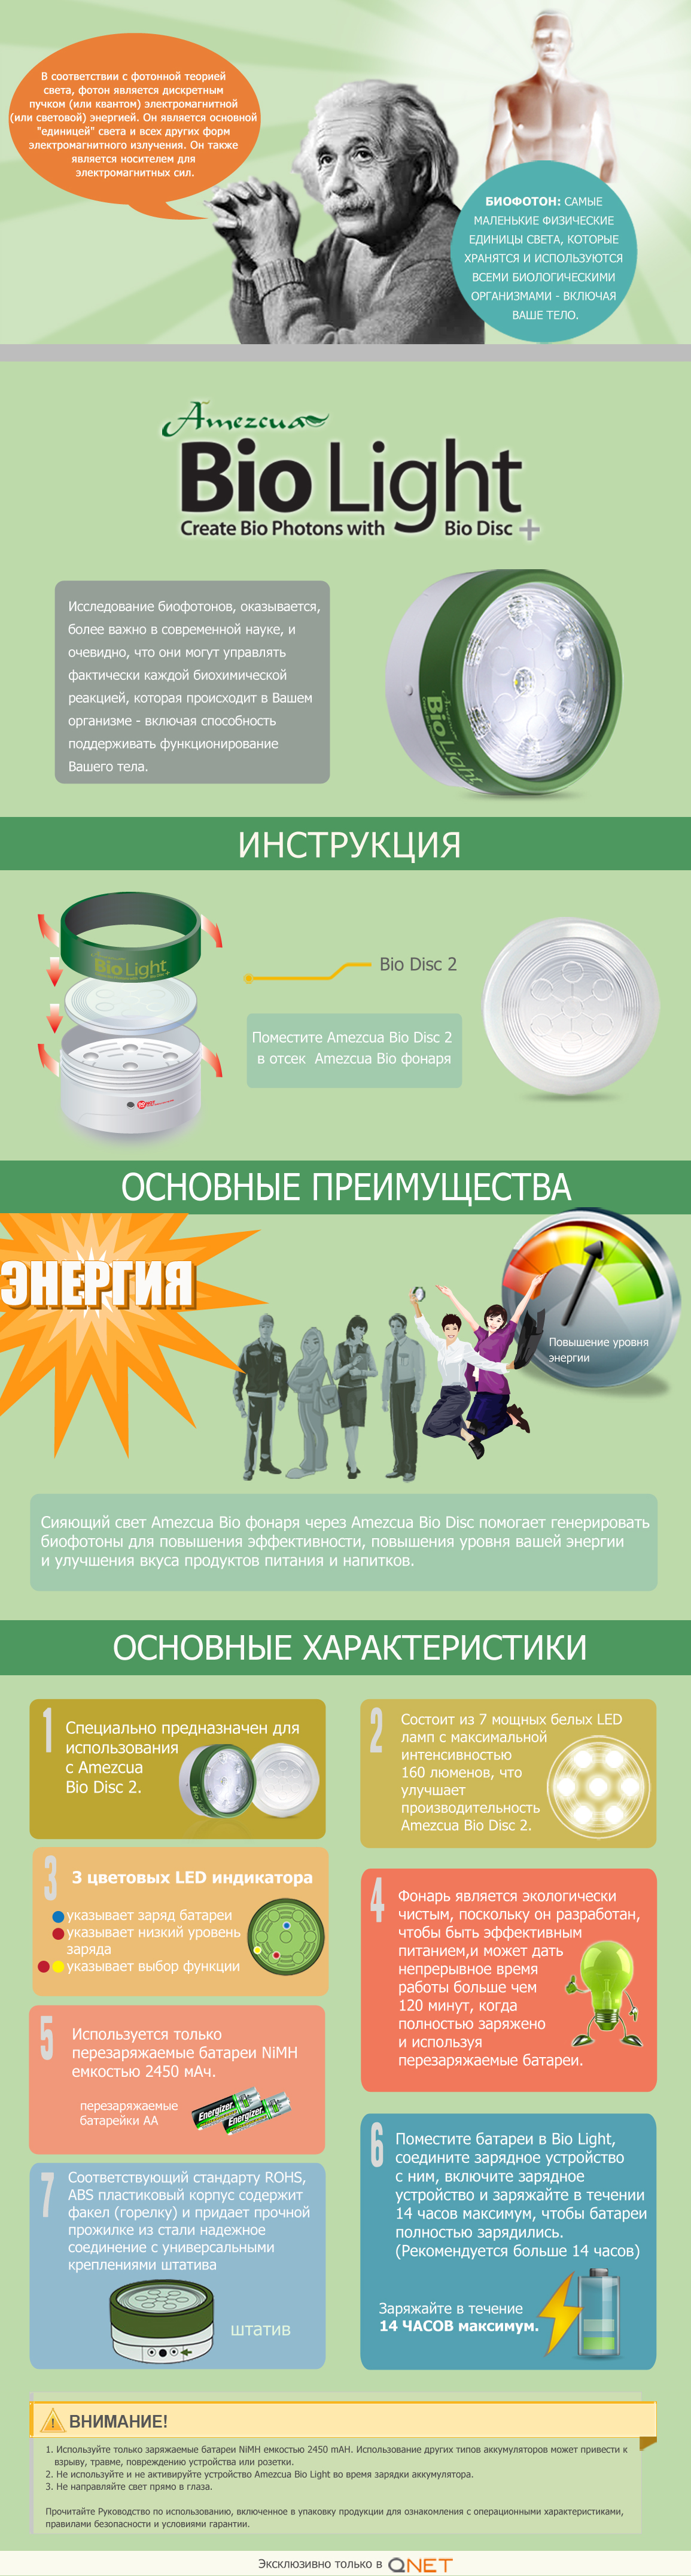 Amezcua Bio Light: Shine Your Way to Good Health! (Russian)